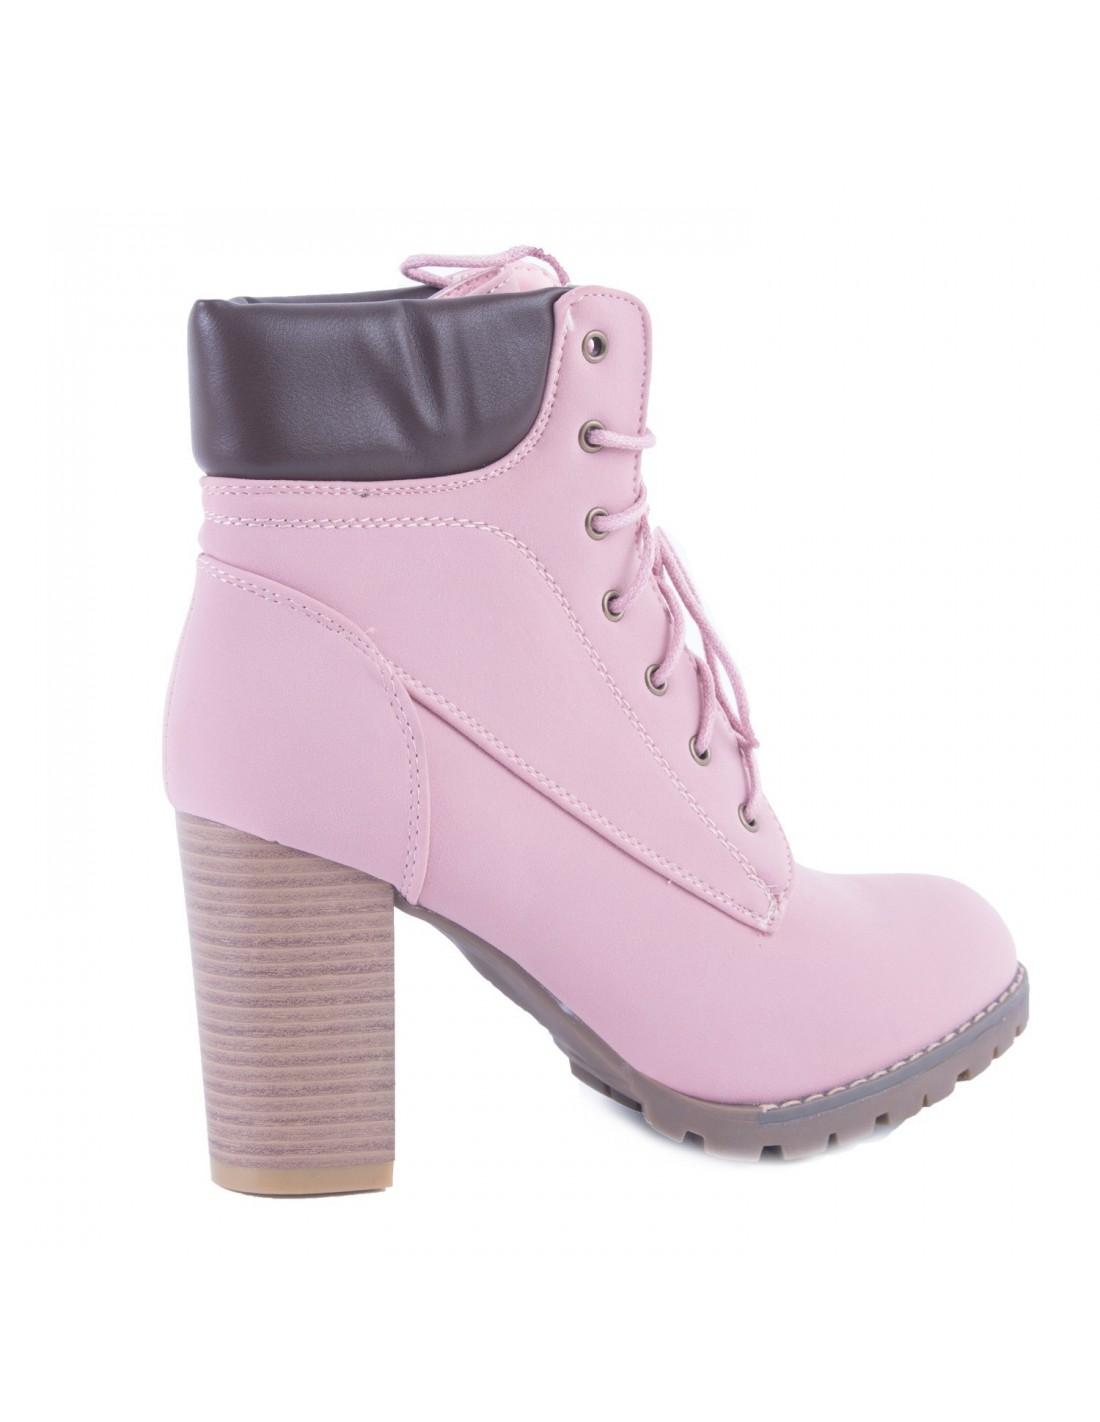 official photos fd65c 61631 boots-femme-rangers-a-talon-epais-camel-ou-noir.jpg